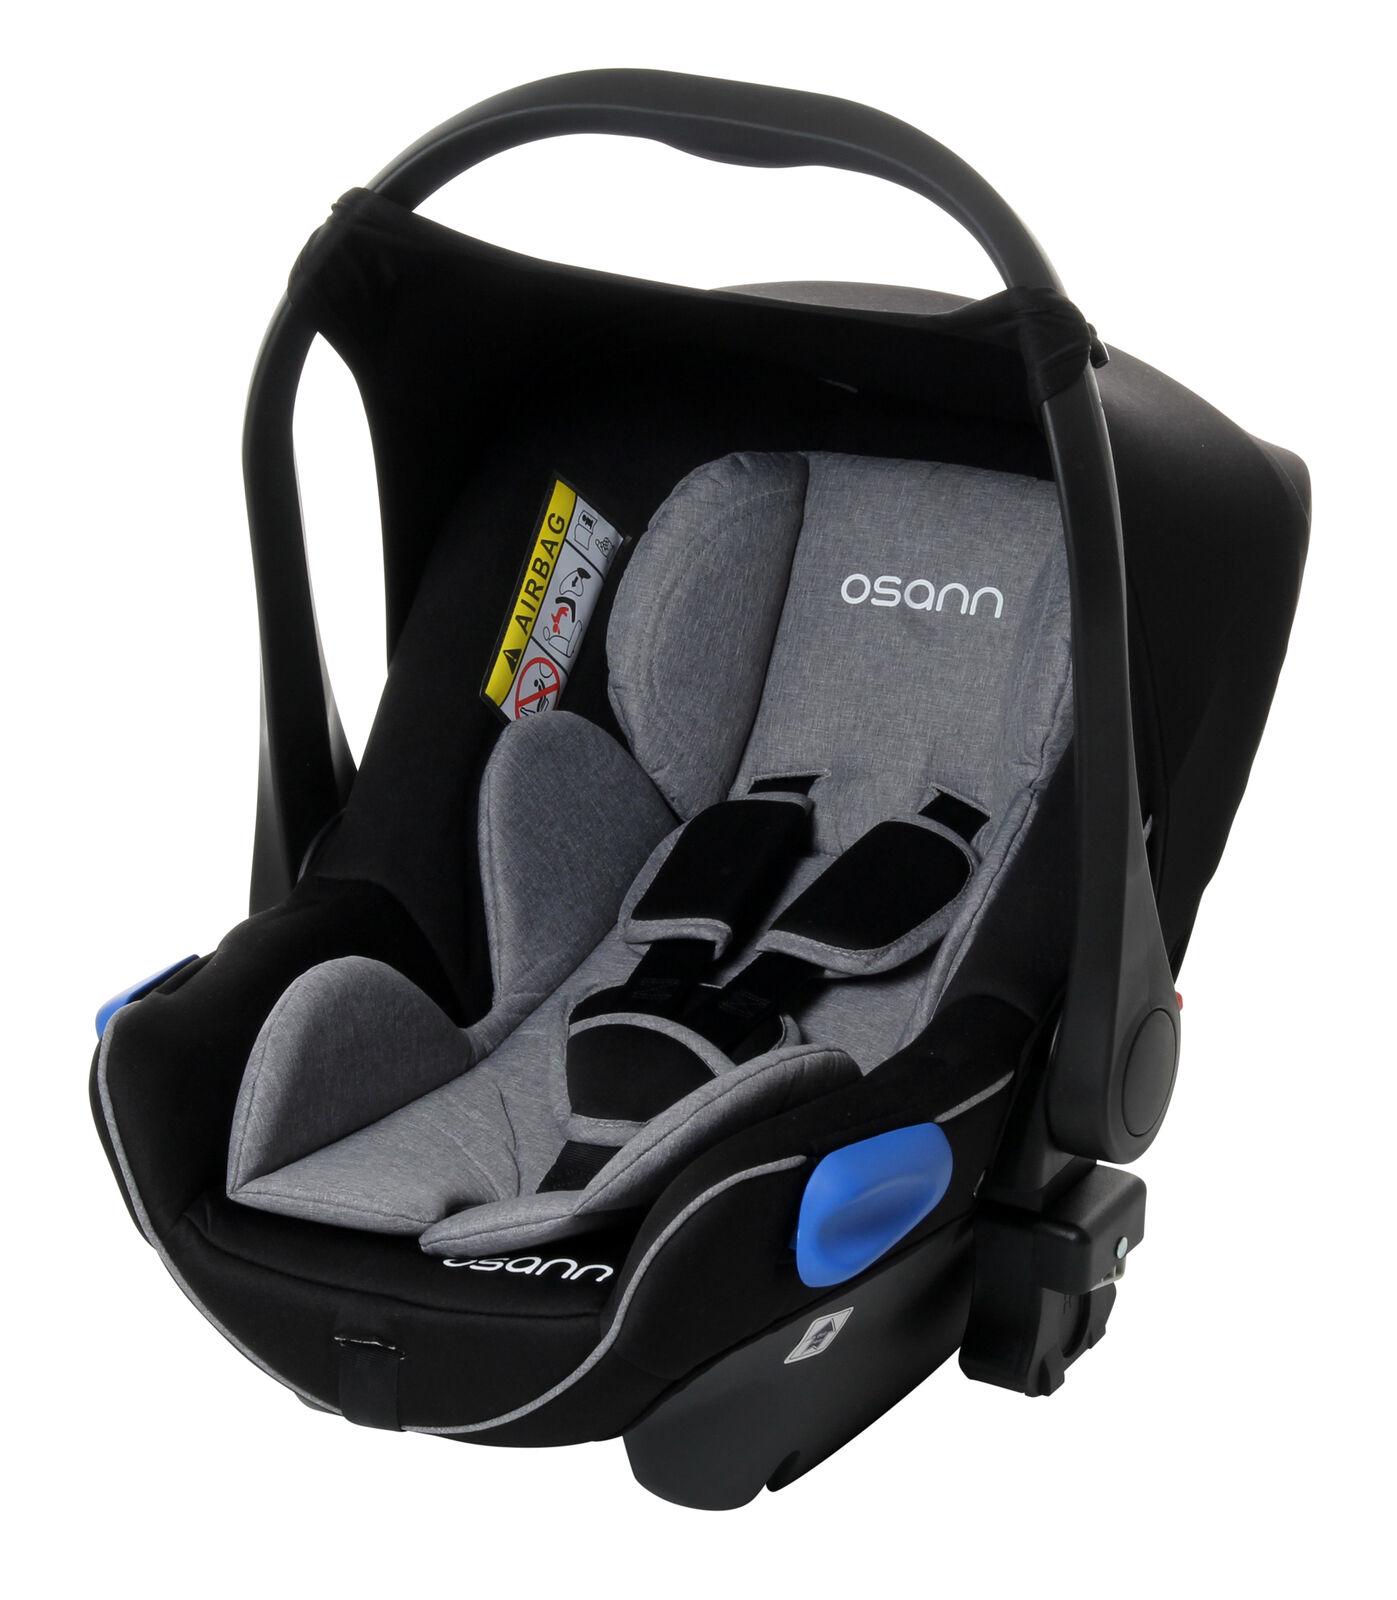 Osann Babyschale Mia TS 0+ bis 15 Kg Babyautositz Kinderschale Babysitz Autositz